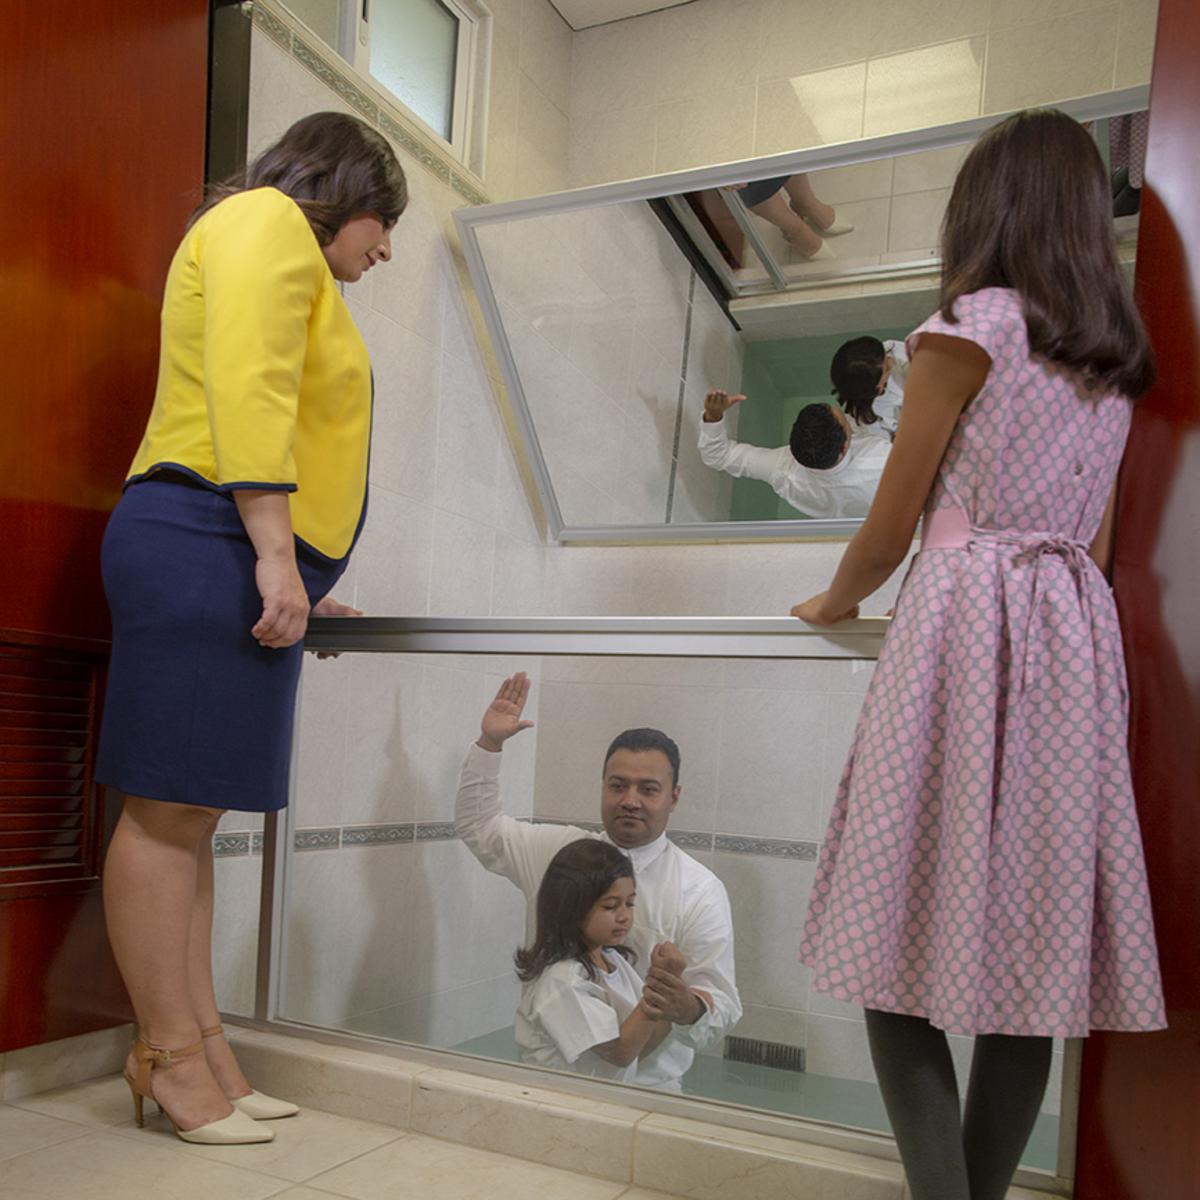 Una mujer y una niña participan como testigos en un bautismo